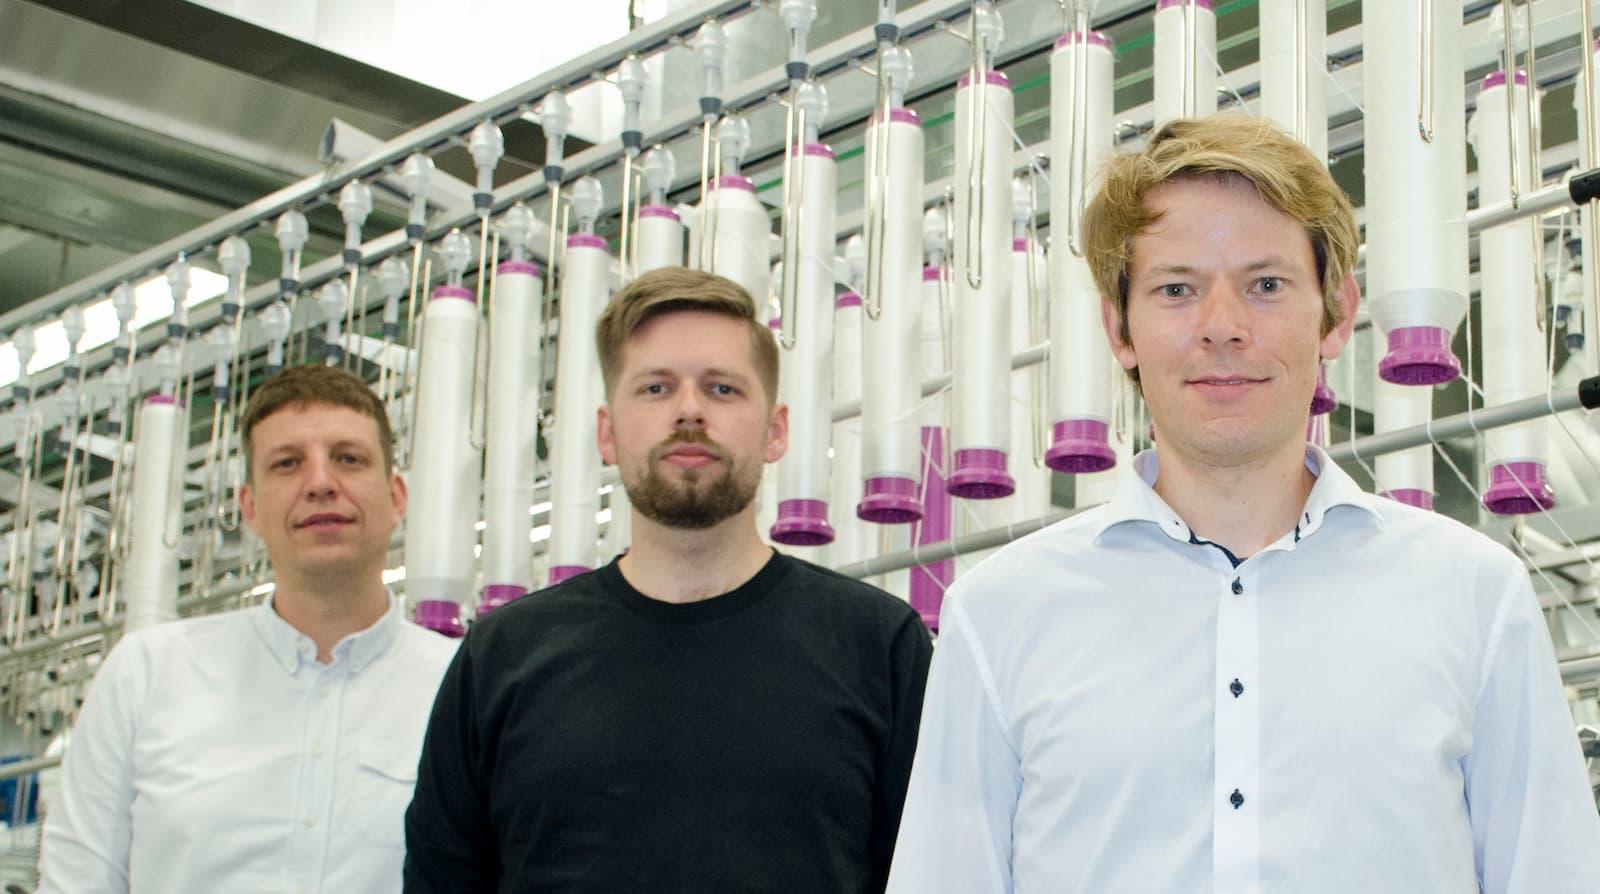 Asana Case Study - Rieter Spinnerei-Systeme - Michael Will, Aaron Ortlieb, Lorenz Braun